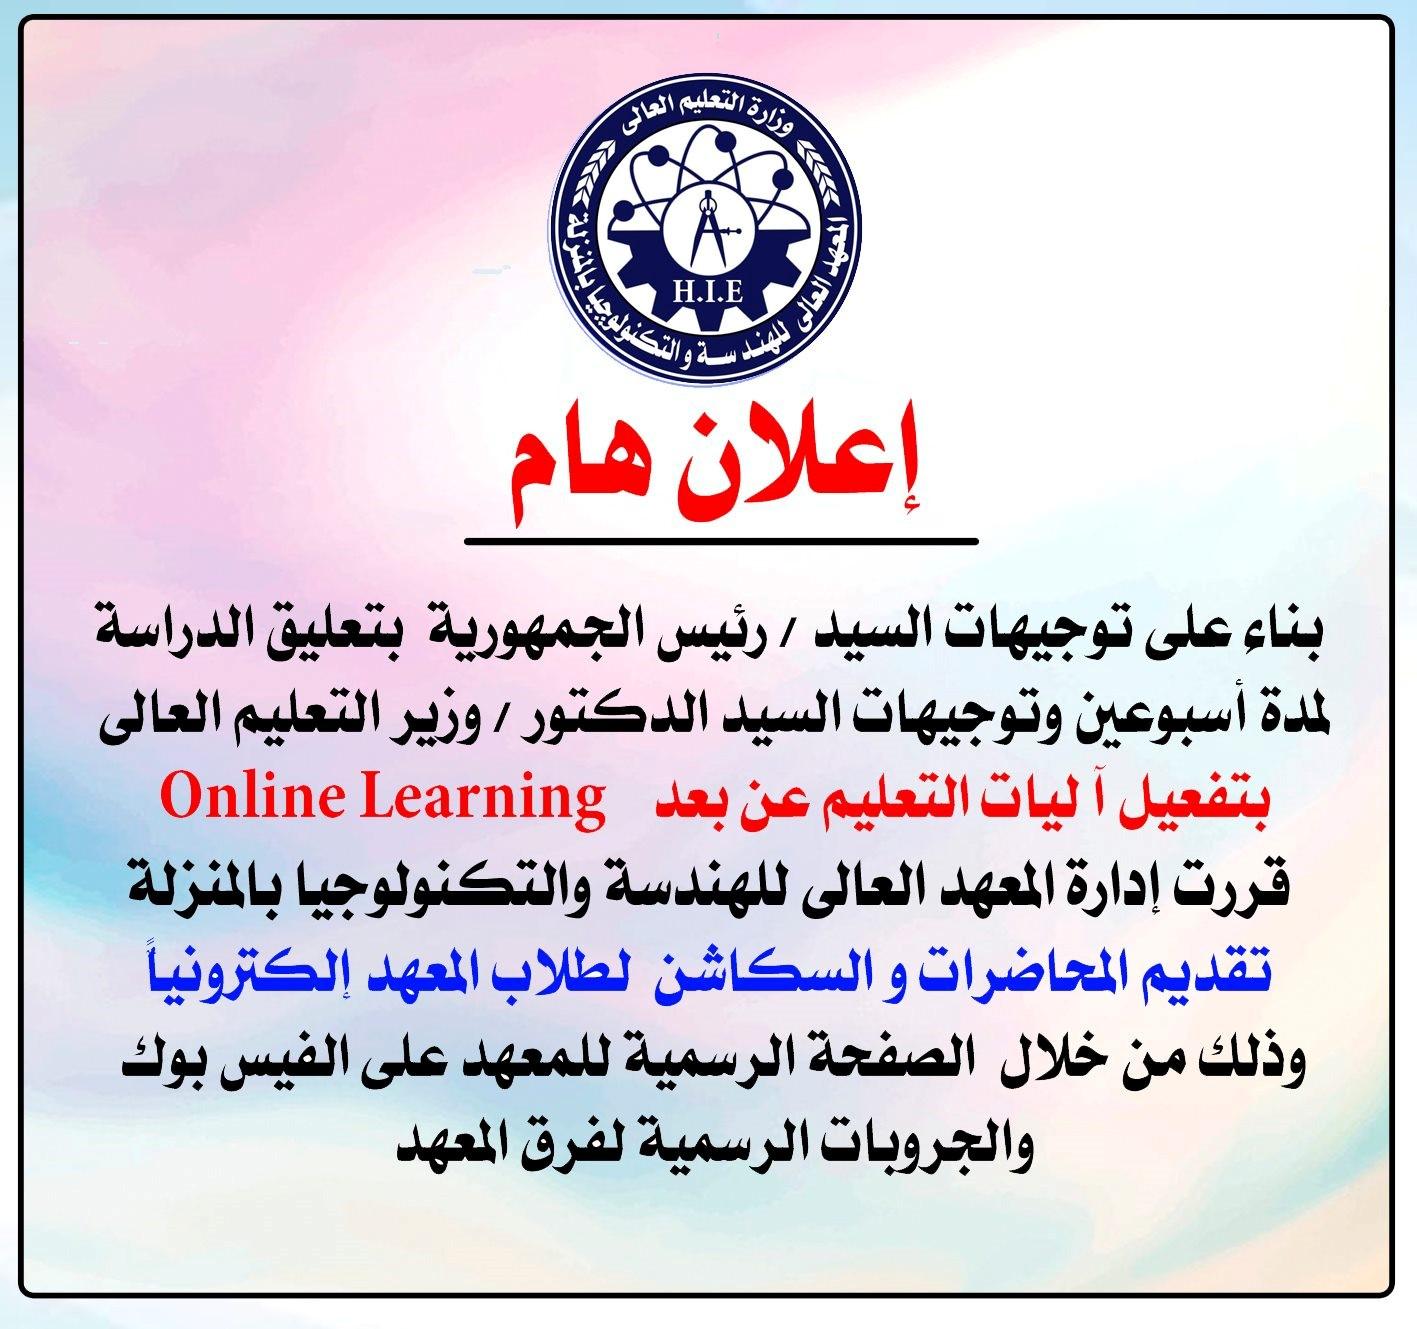 Online Learning تفعيل